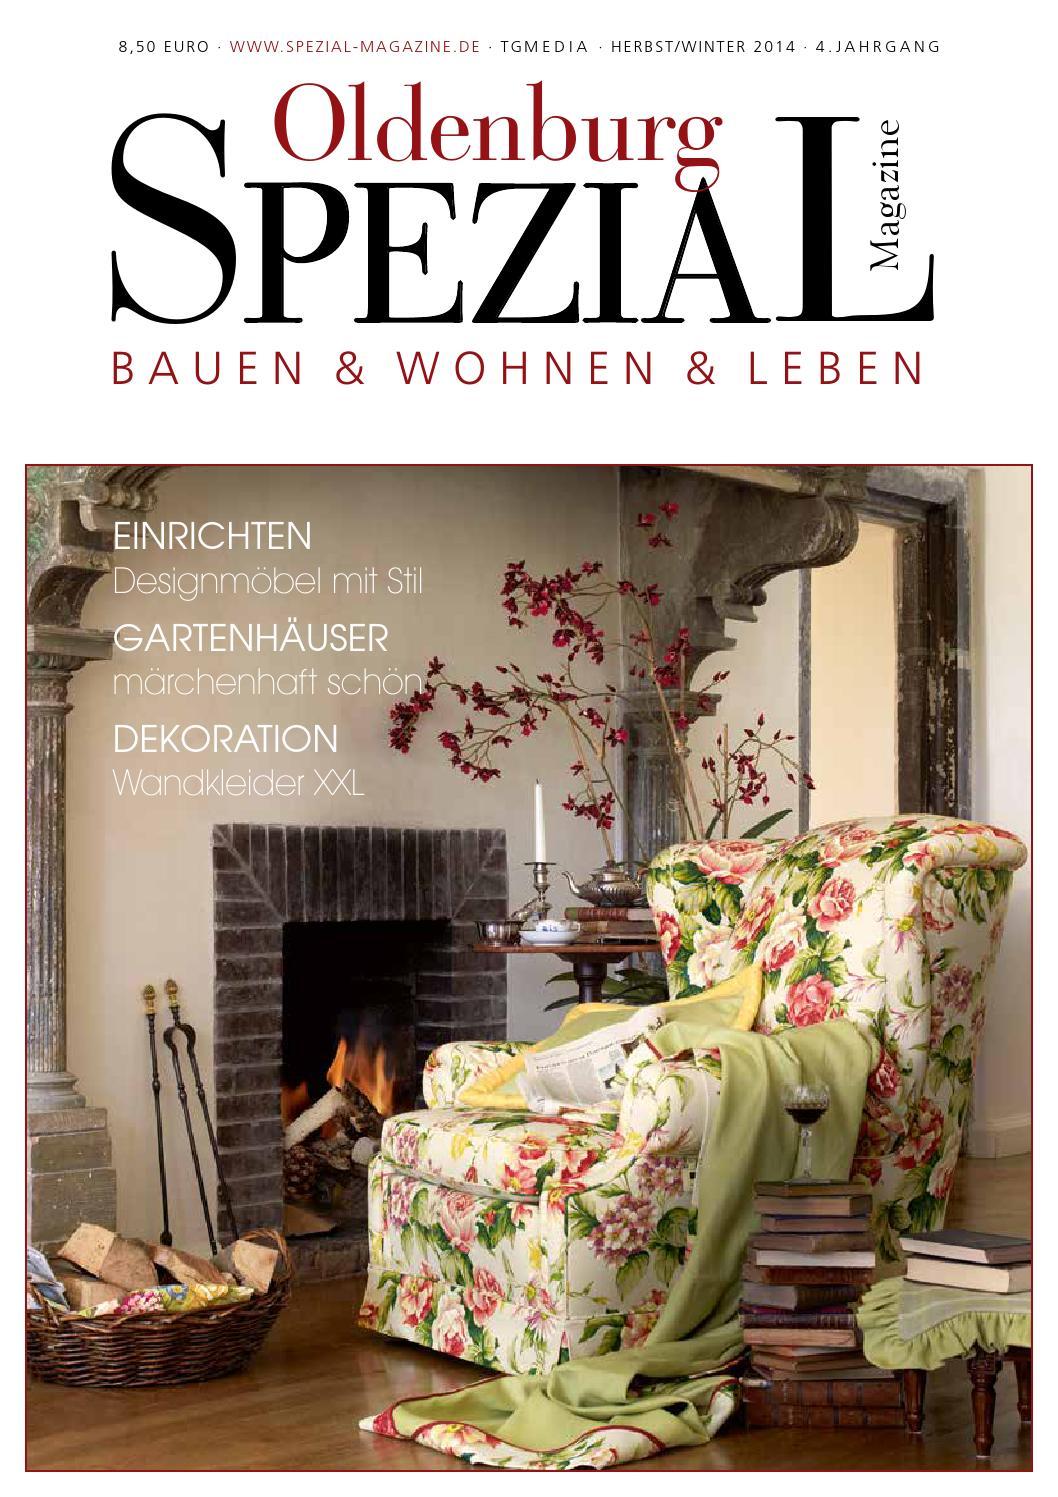 Ol spezial bauen wohnenherbst2014 low by Spezial Magazine , TG MEDIA ...